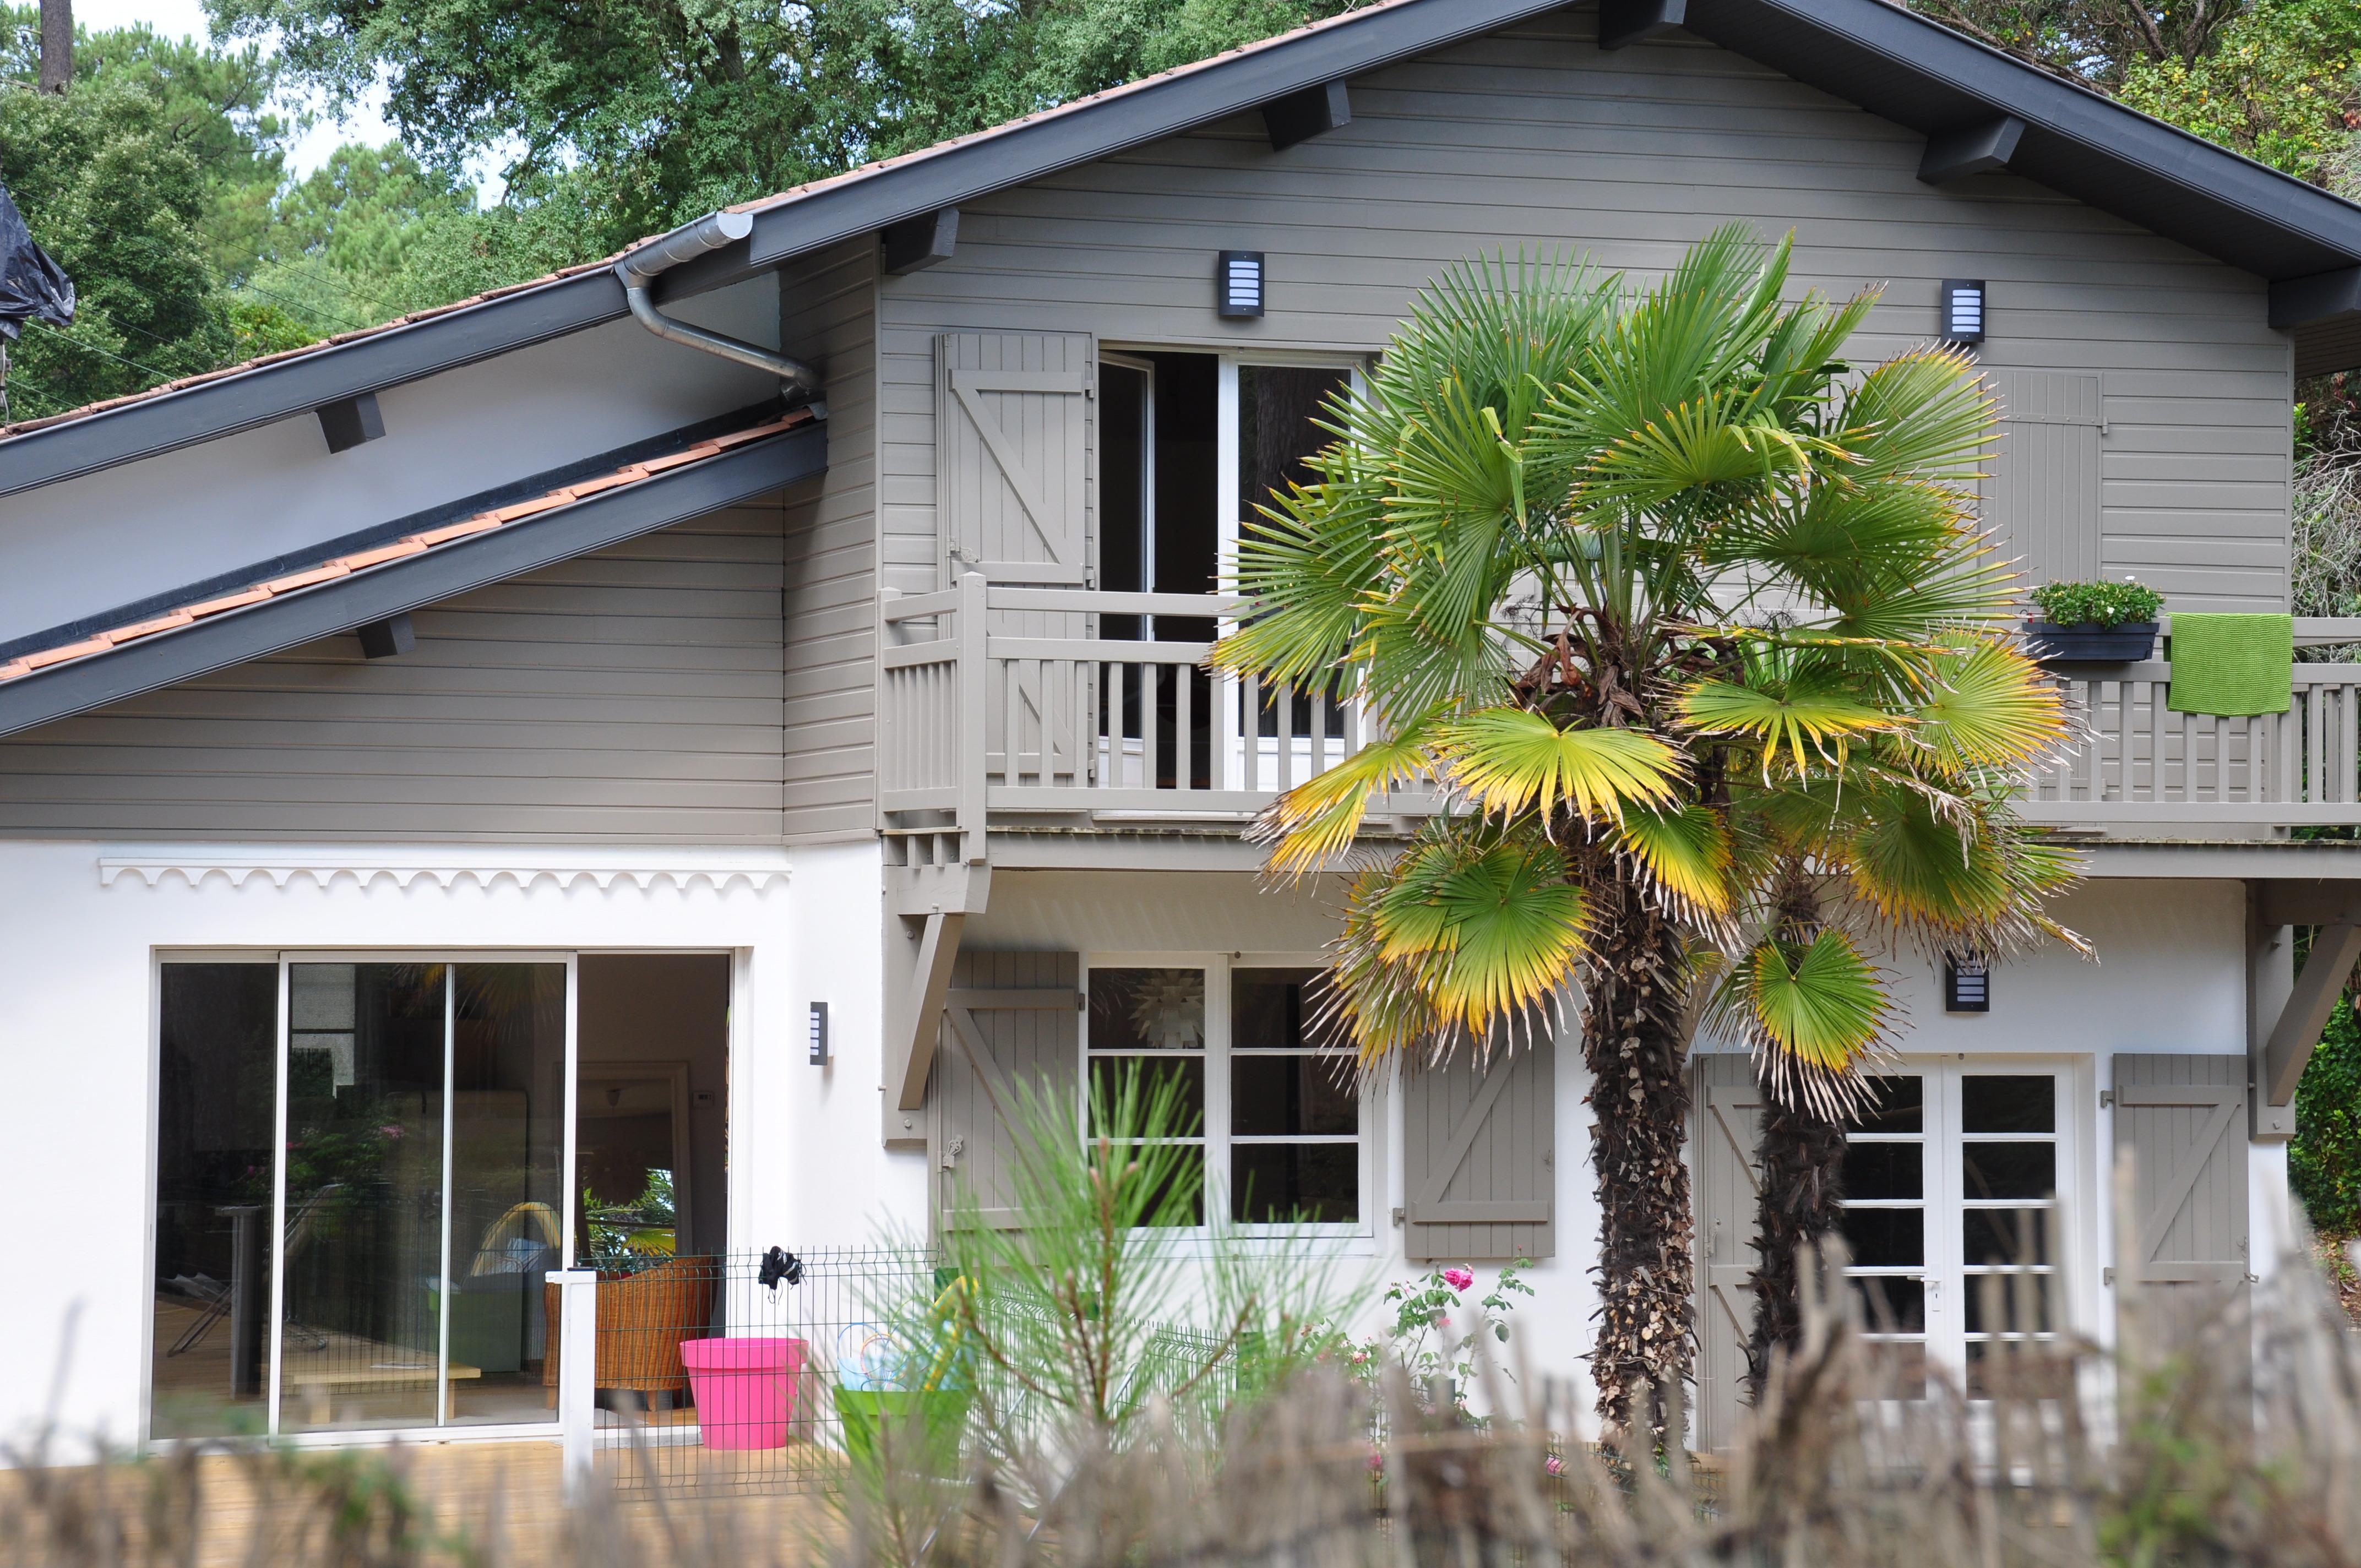 Achat maison tout ce qu 39 il faut savoir avant d 39 acheter for Achat dune maison